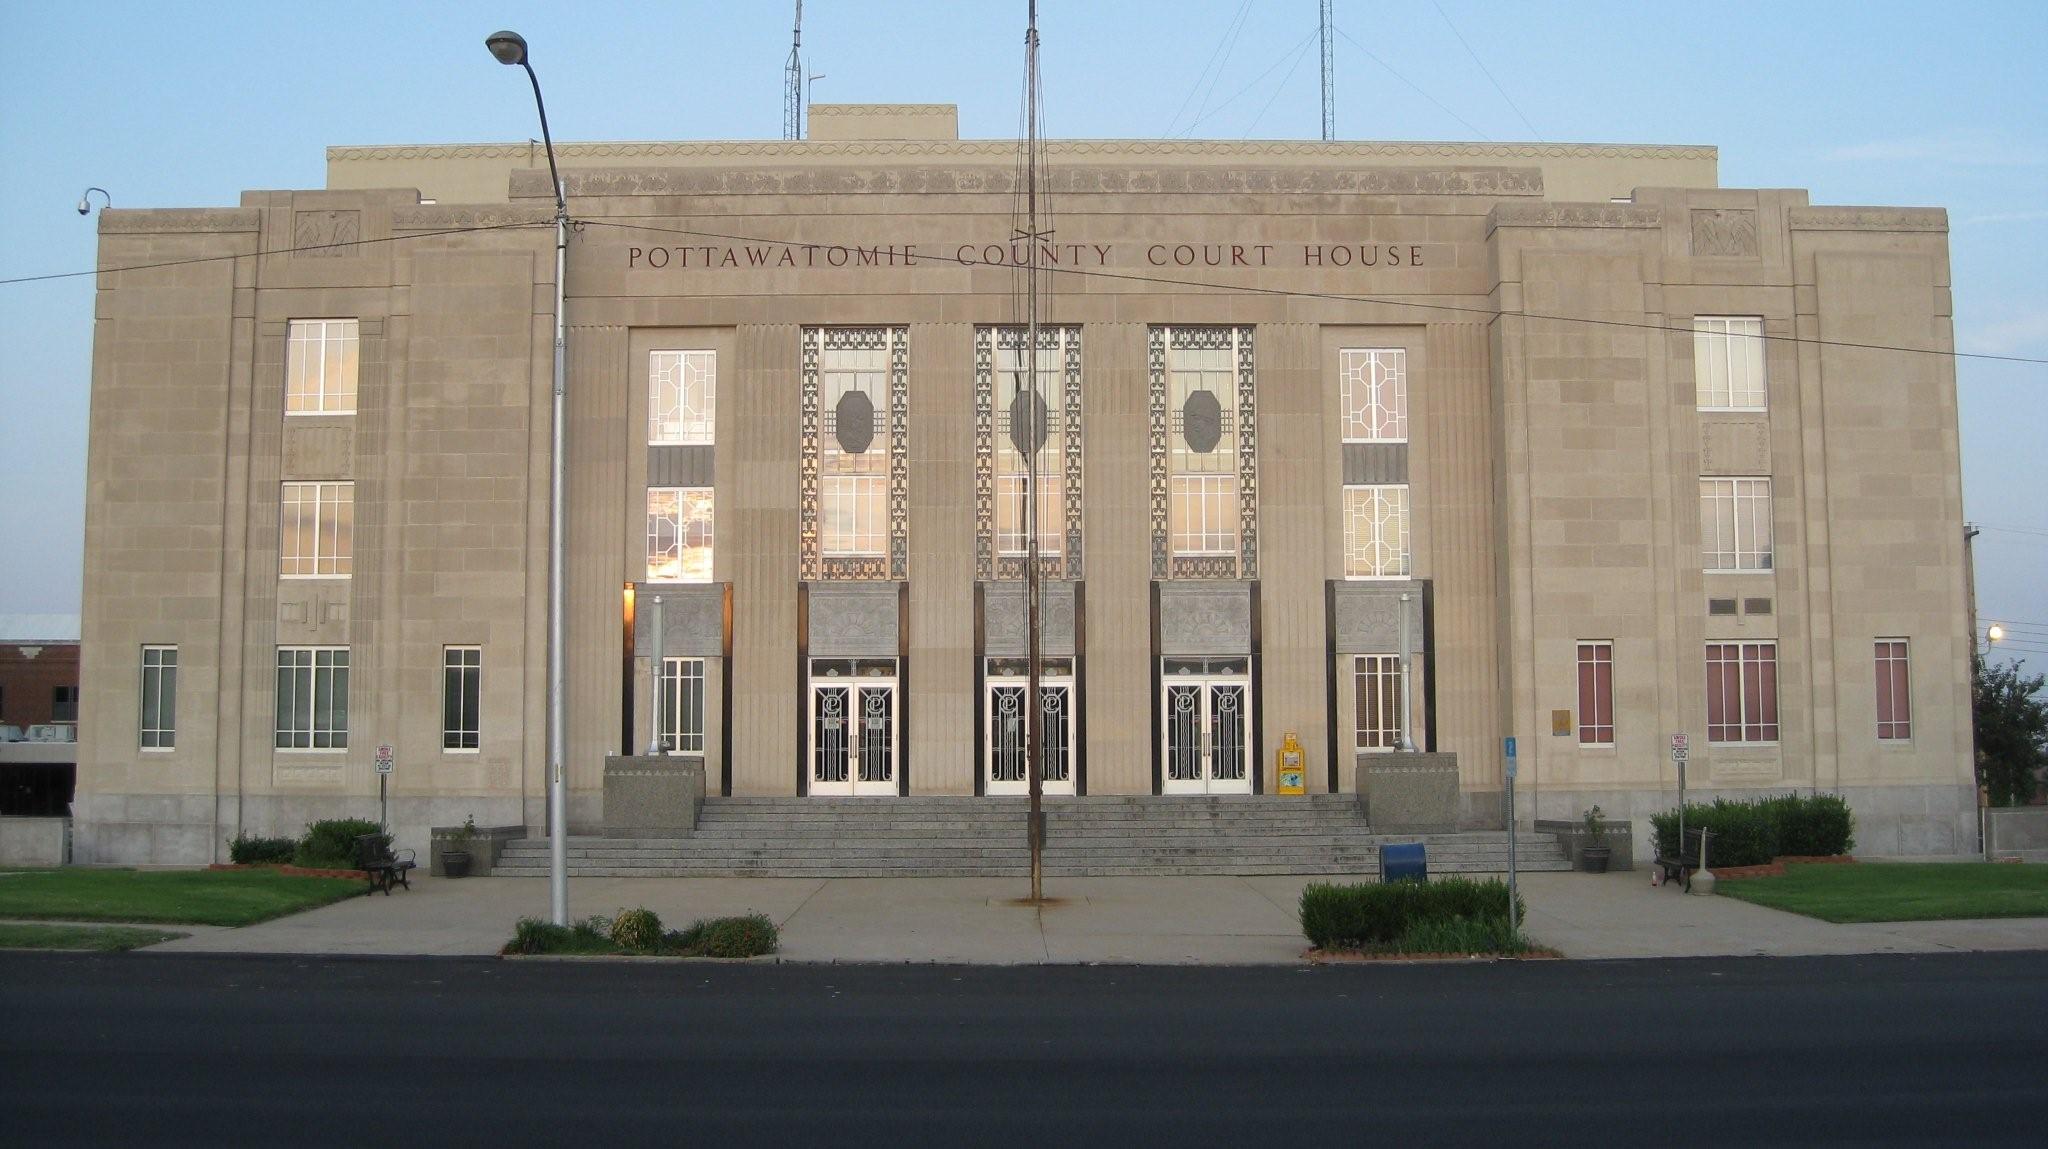 Pottawatomie_county_oklahoma_courthouse